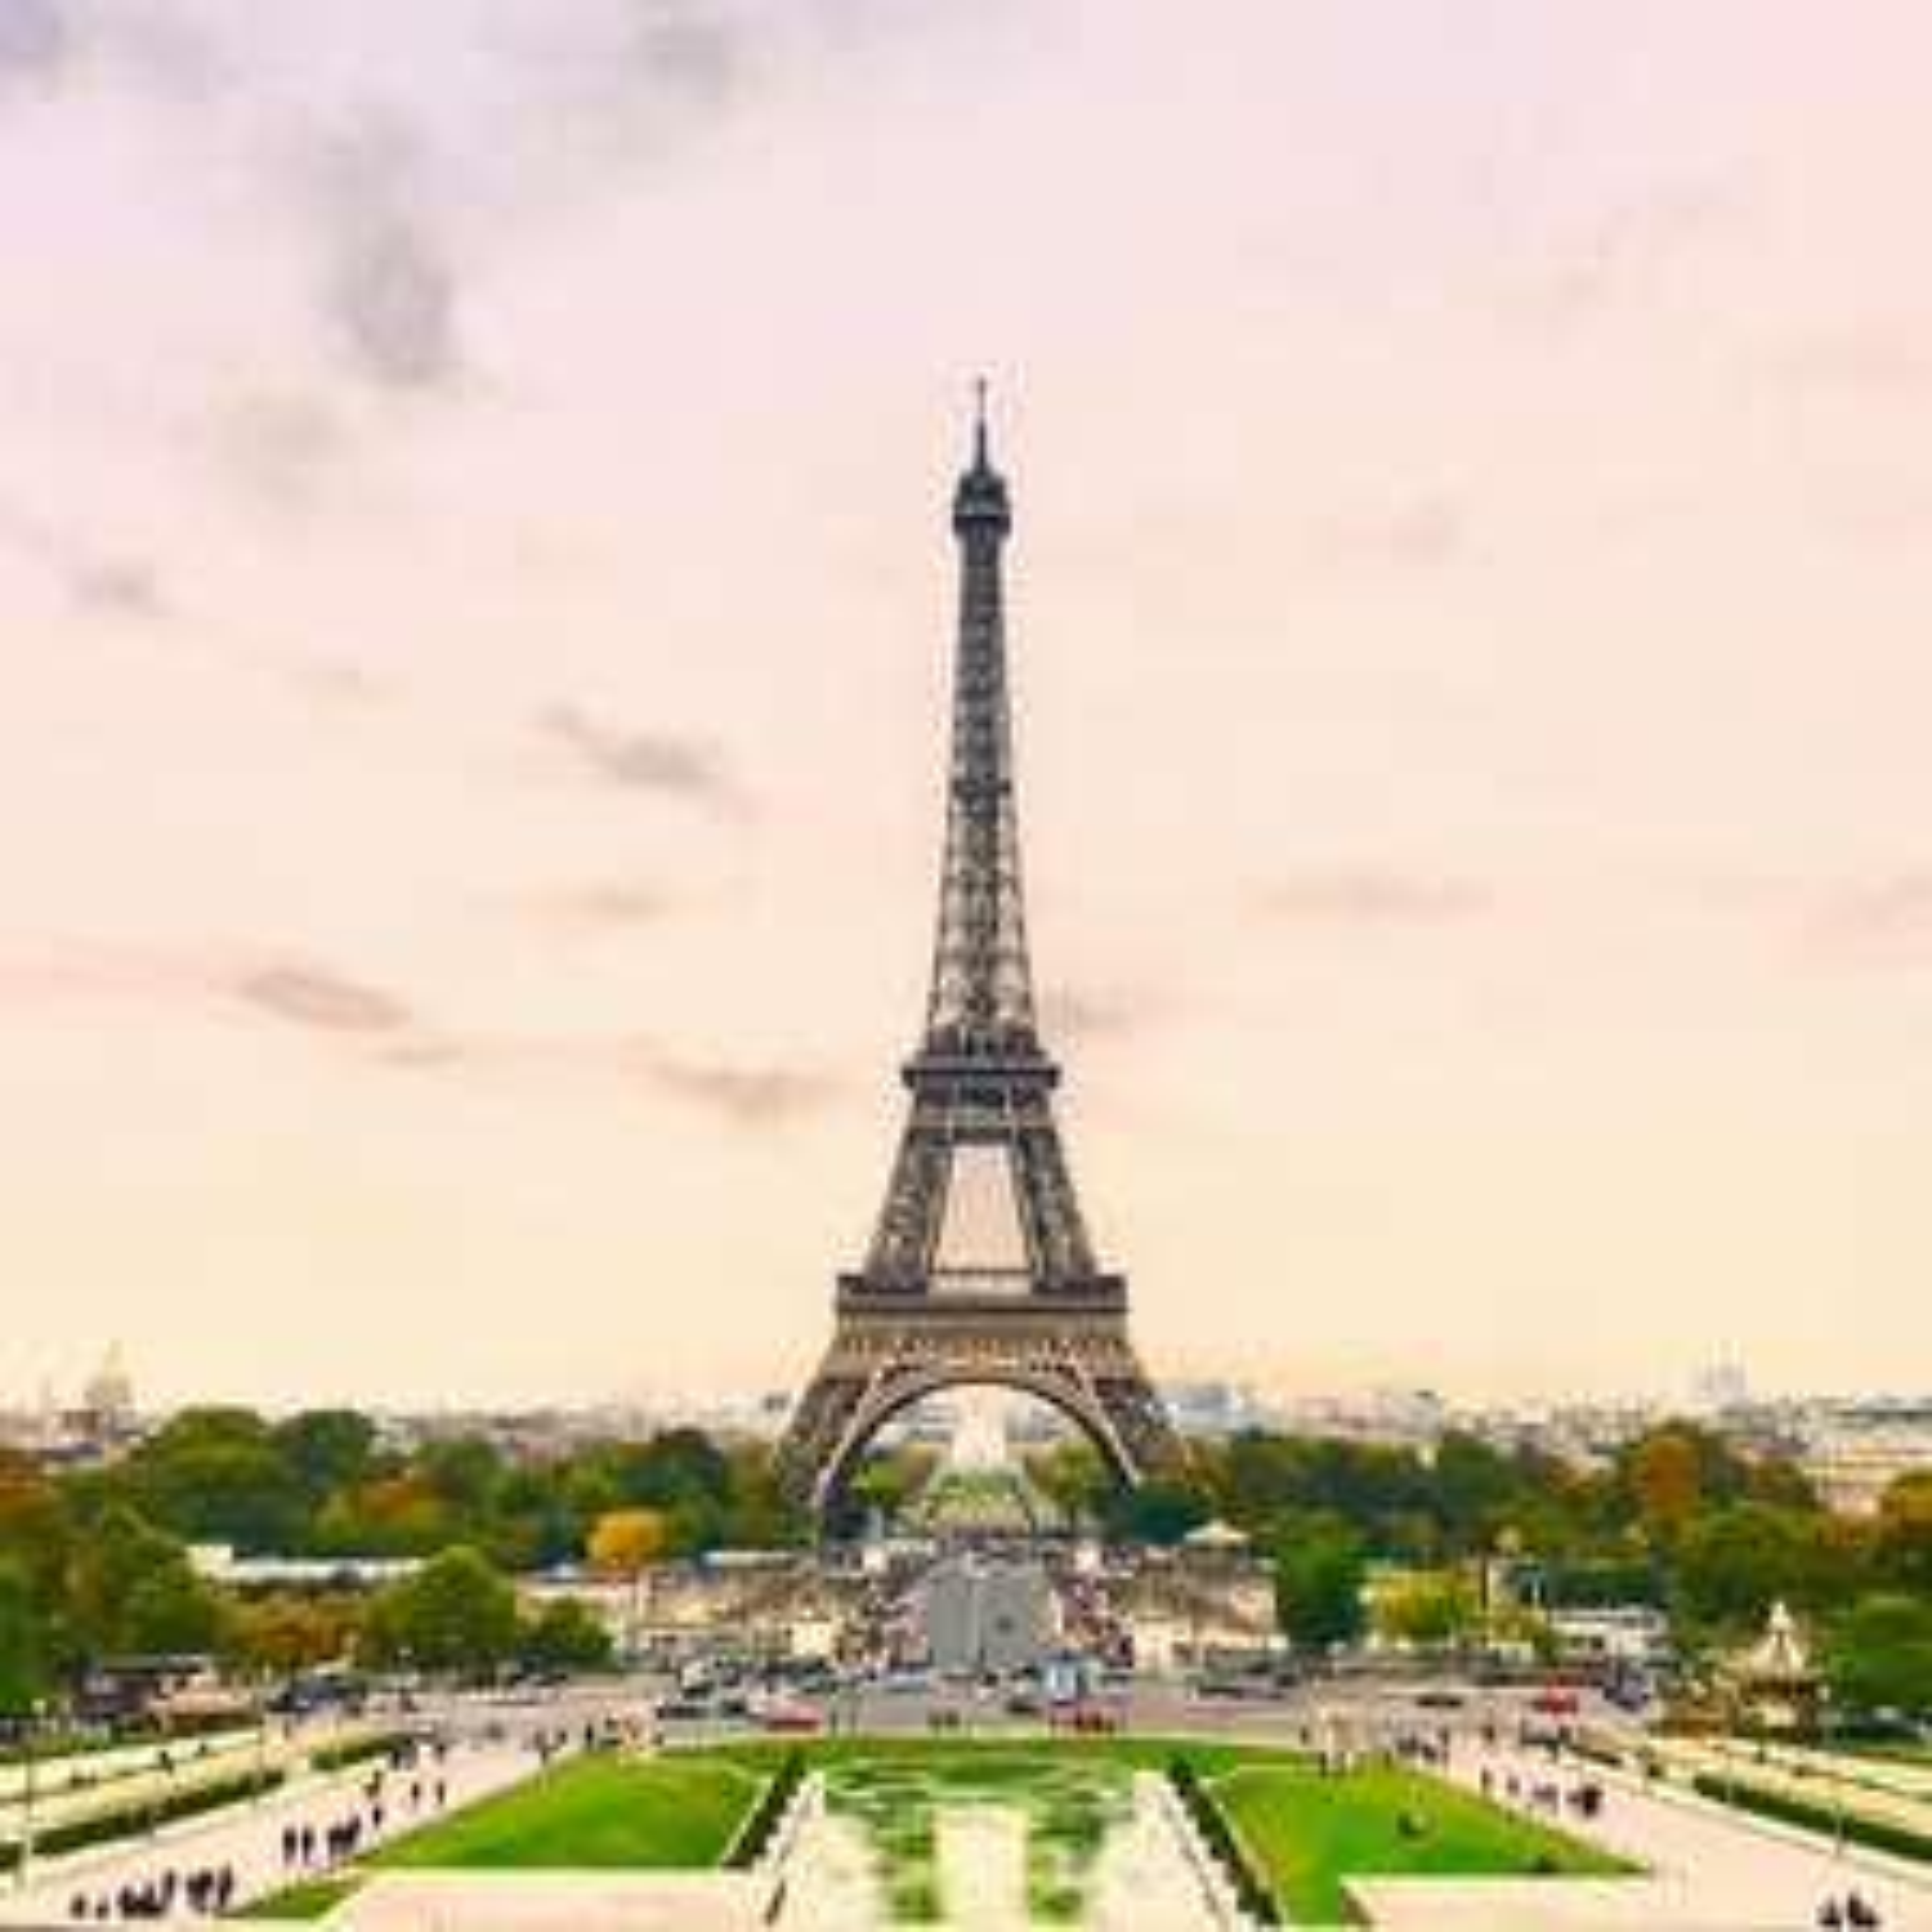 Zug: Frankreich [Oktober - November] - Thalys-Sale - One-Way von deutschen Bahnhöfen nach Paris ab nur 29€ / Return-Tickets nach Paris ab nur 58€